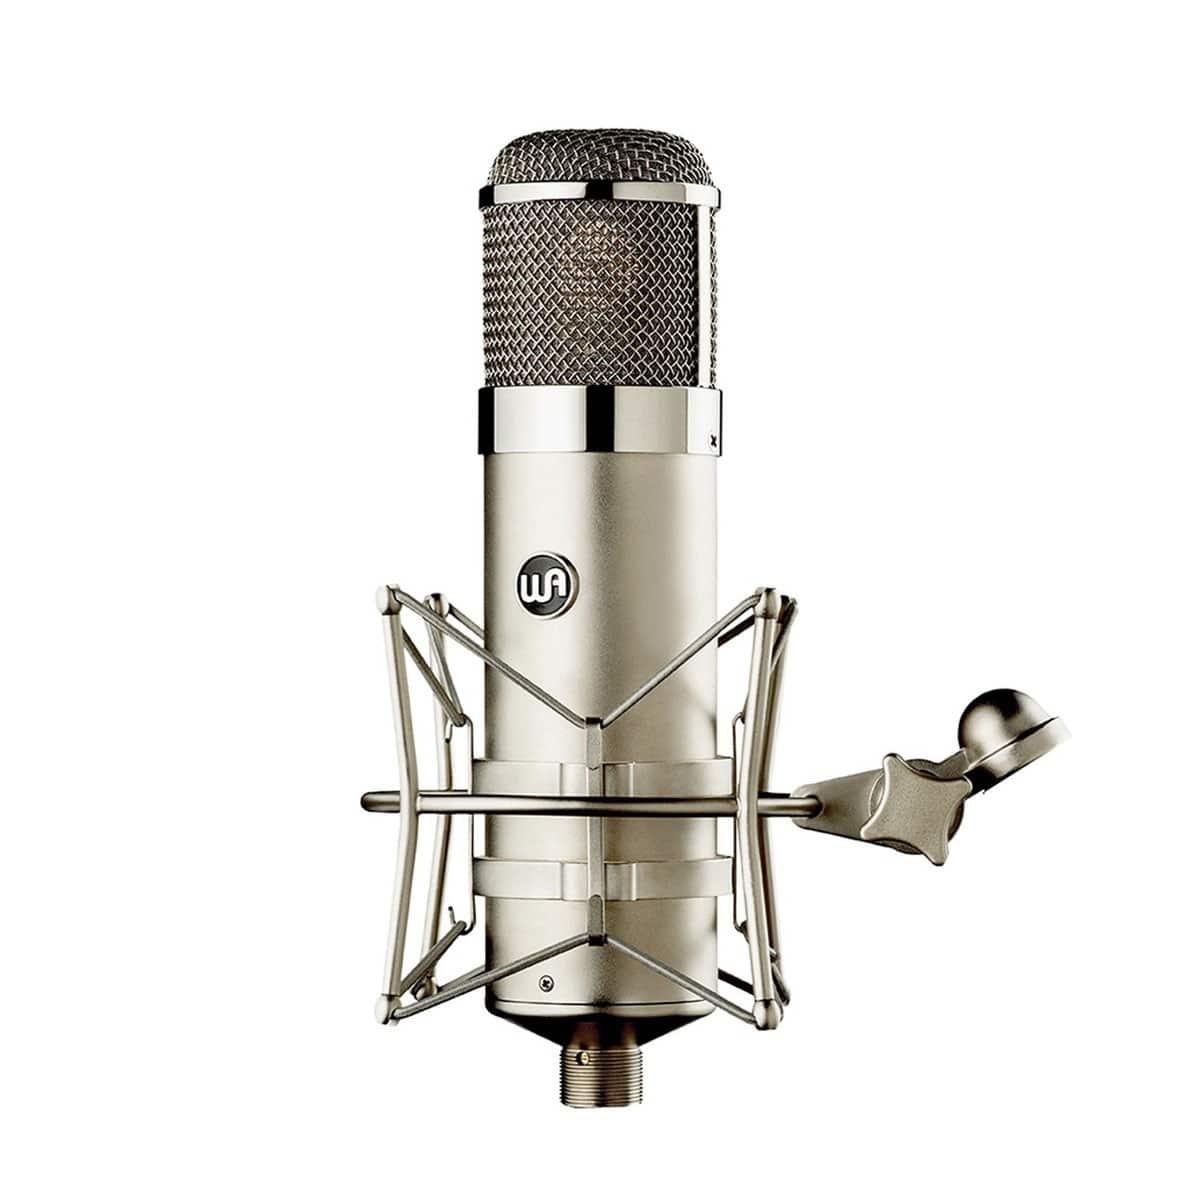 Warm Audio WA 47 02 Microfoni a Condensatore, Microfoni professionali, Strumentazioni Pro Audio per studi di registrazione